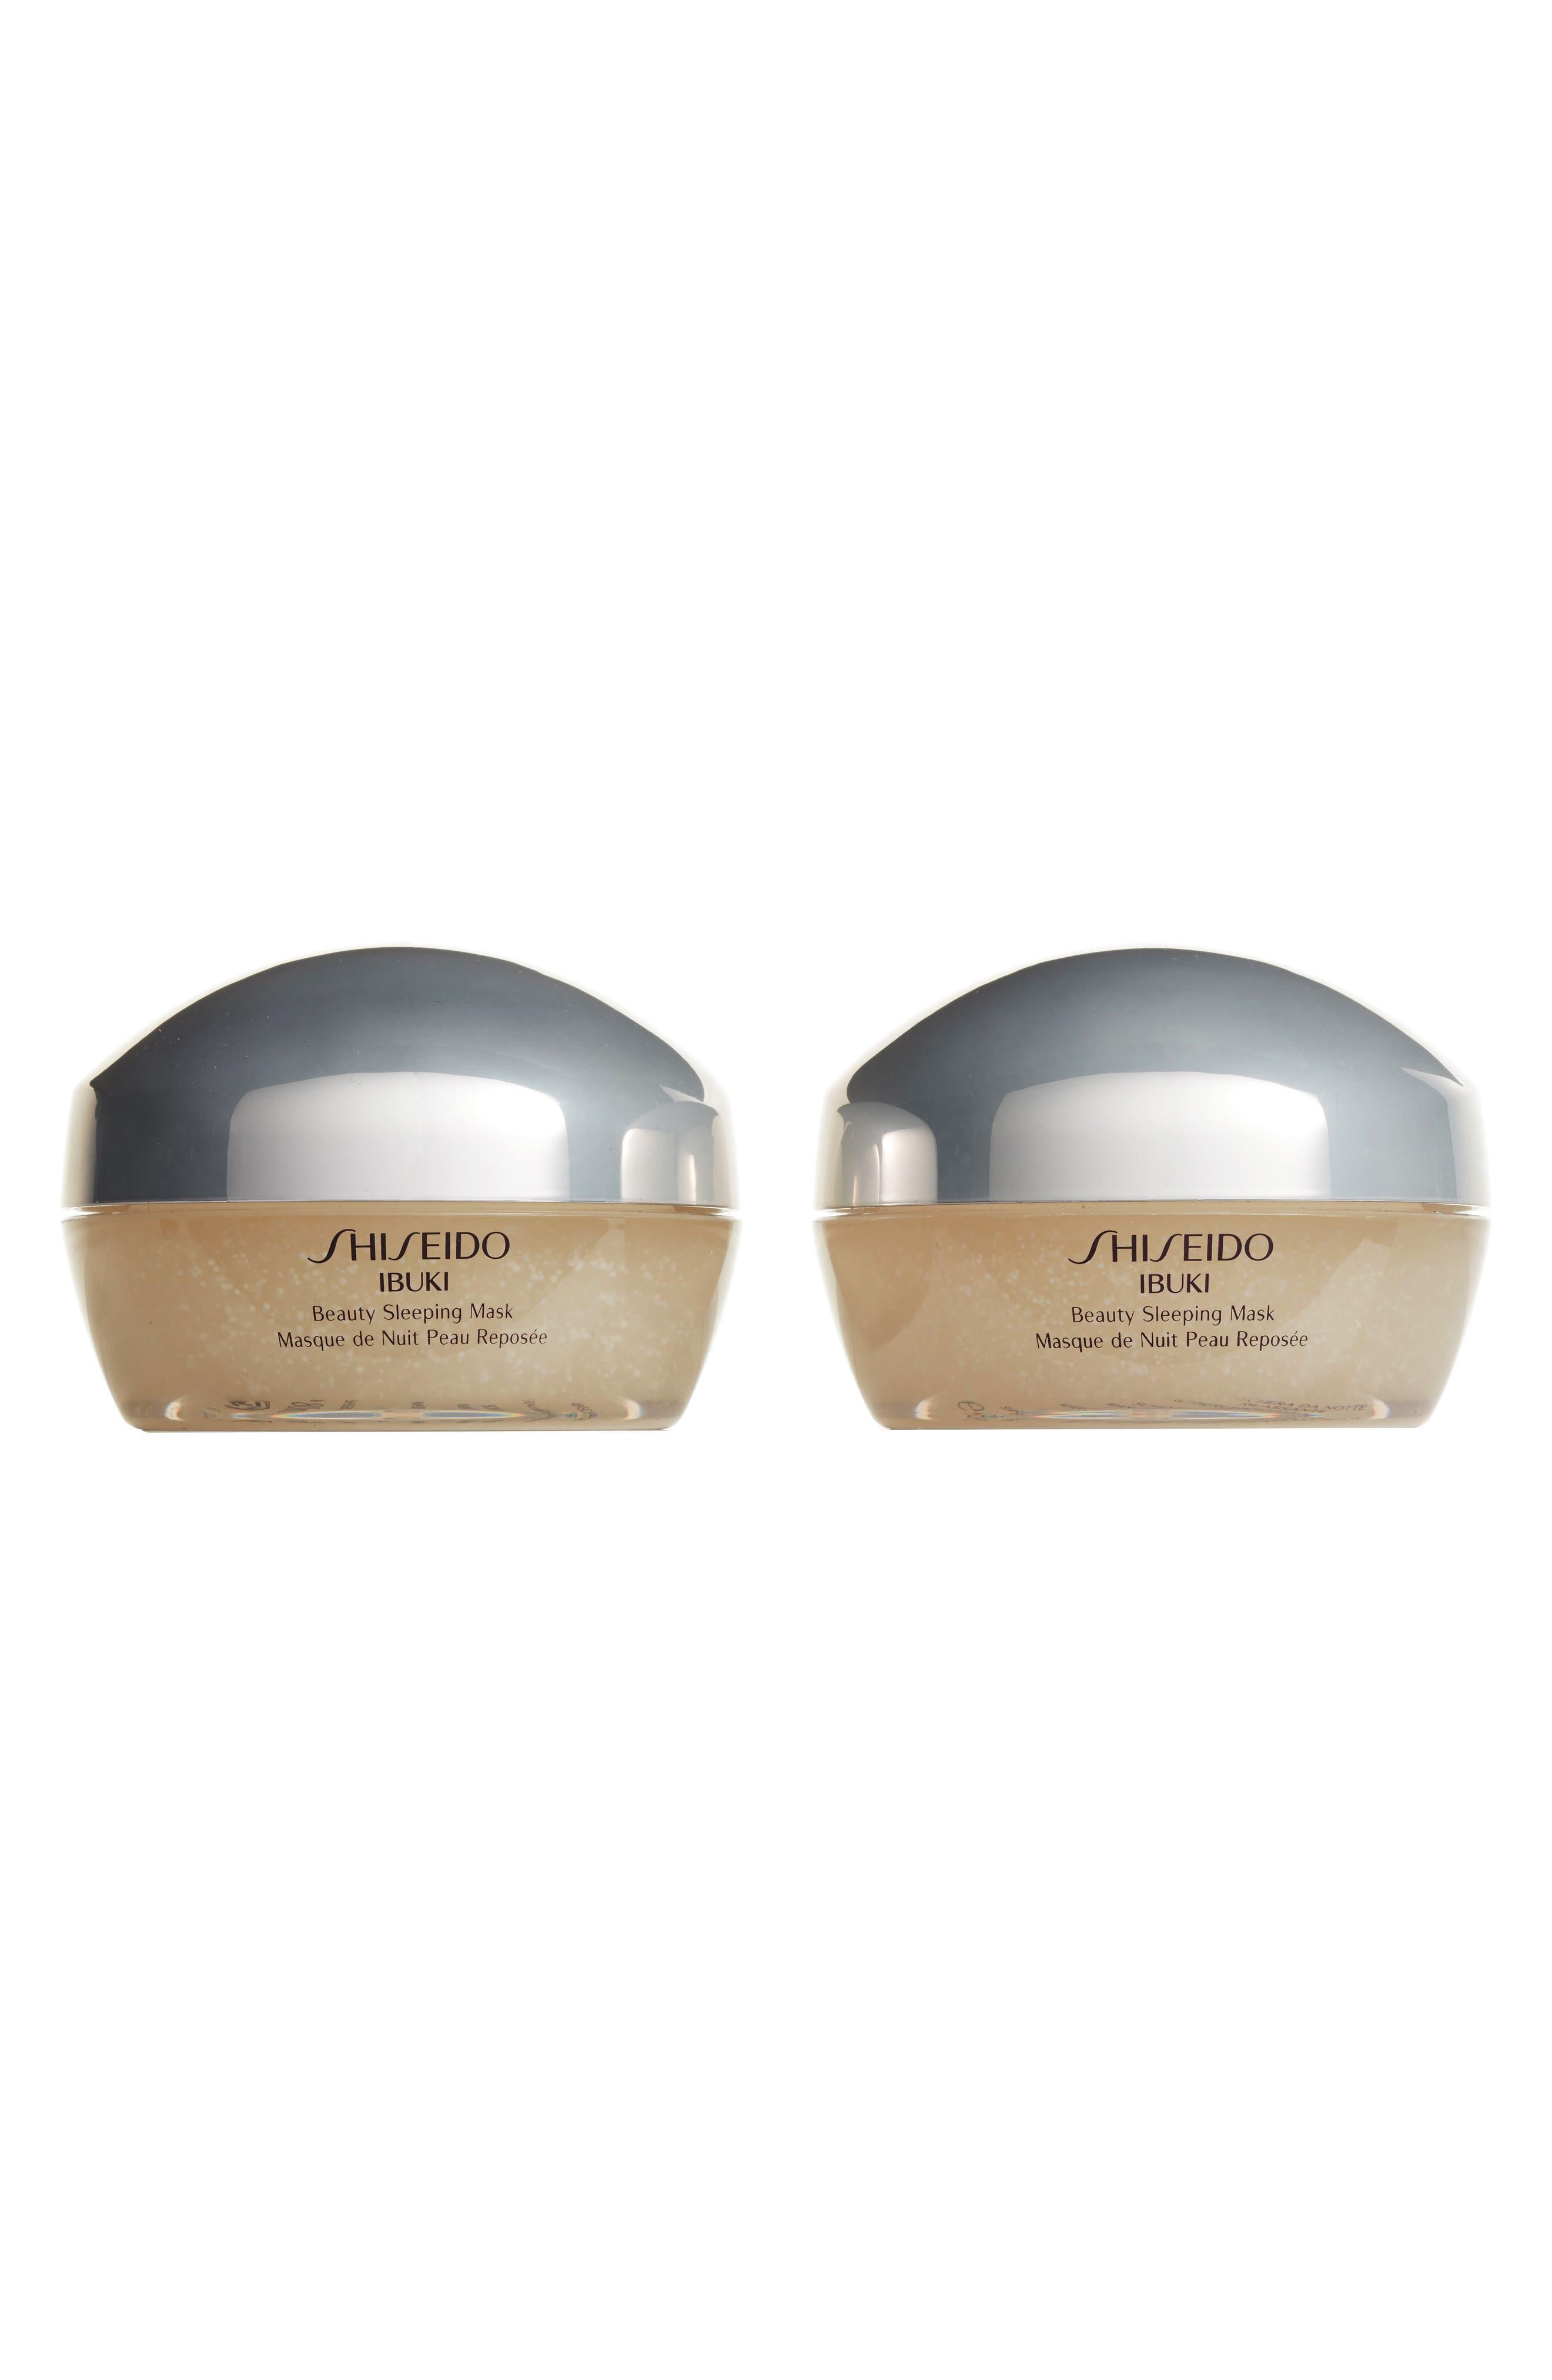 Main Image - Shiseido Ibuki Beauty Sleeping Mask Duo ($80 Value)